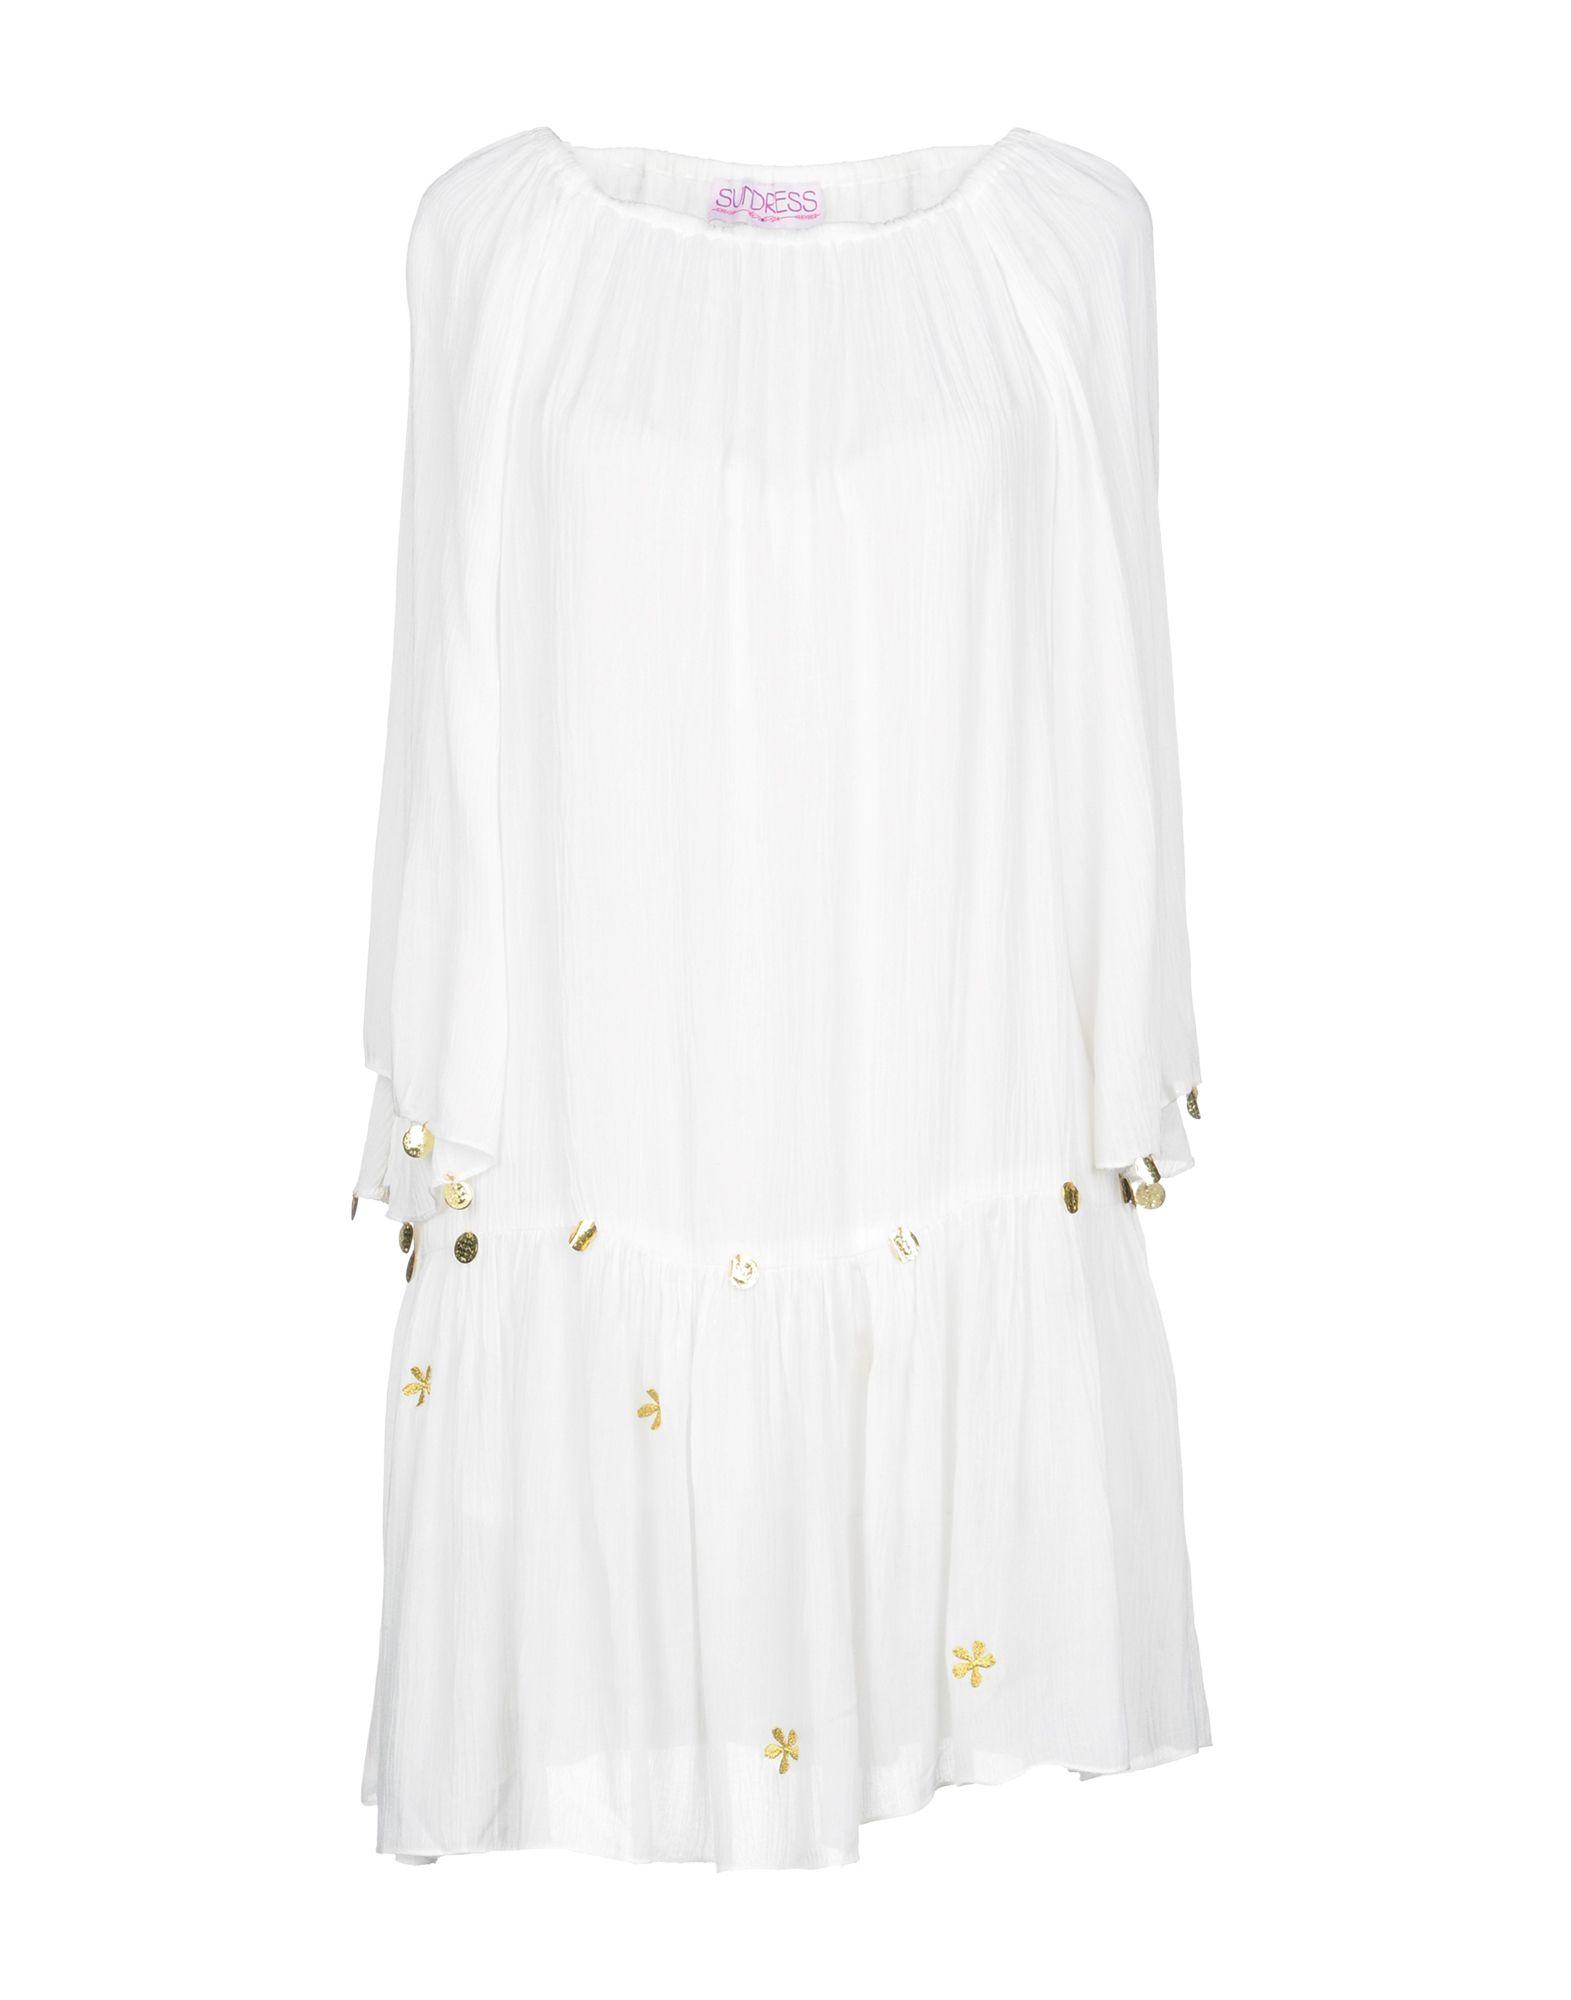 SUNDRESS Short Dress in White